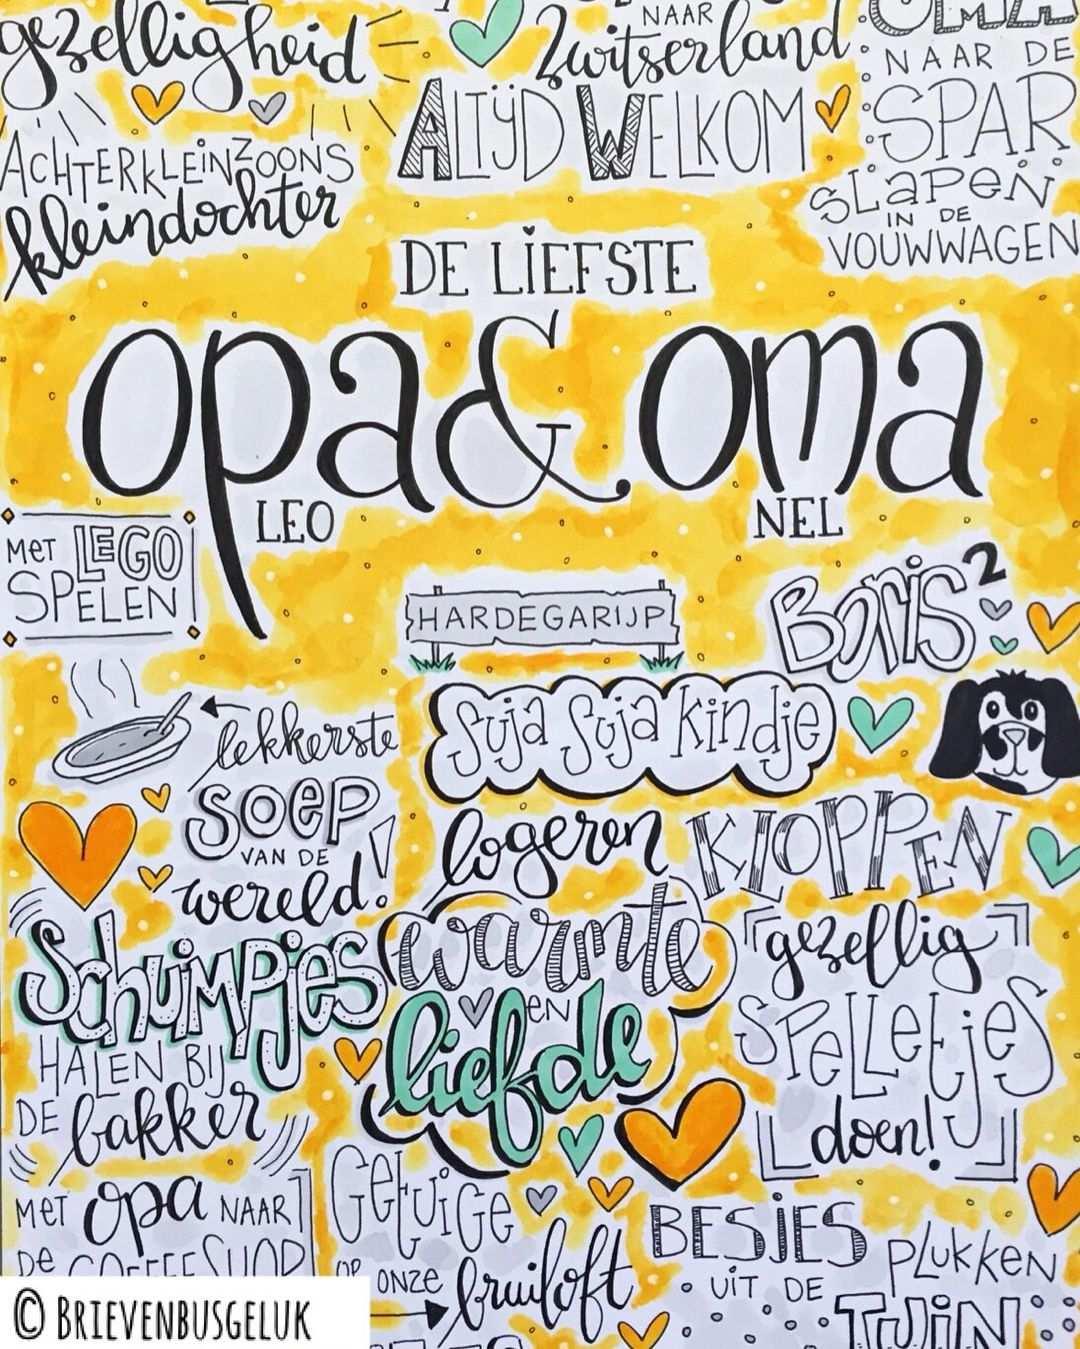 Afbeelding Van Dimphy Buuren Op Tekeningen Knutselen Opa En Oma